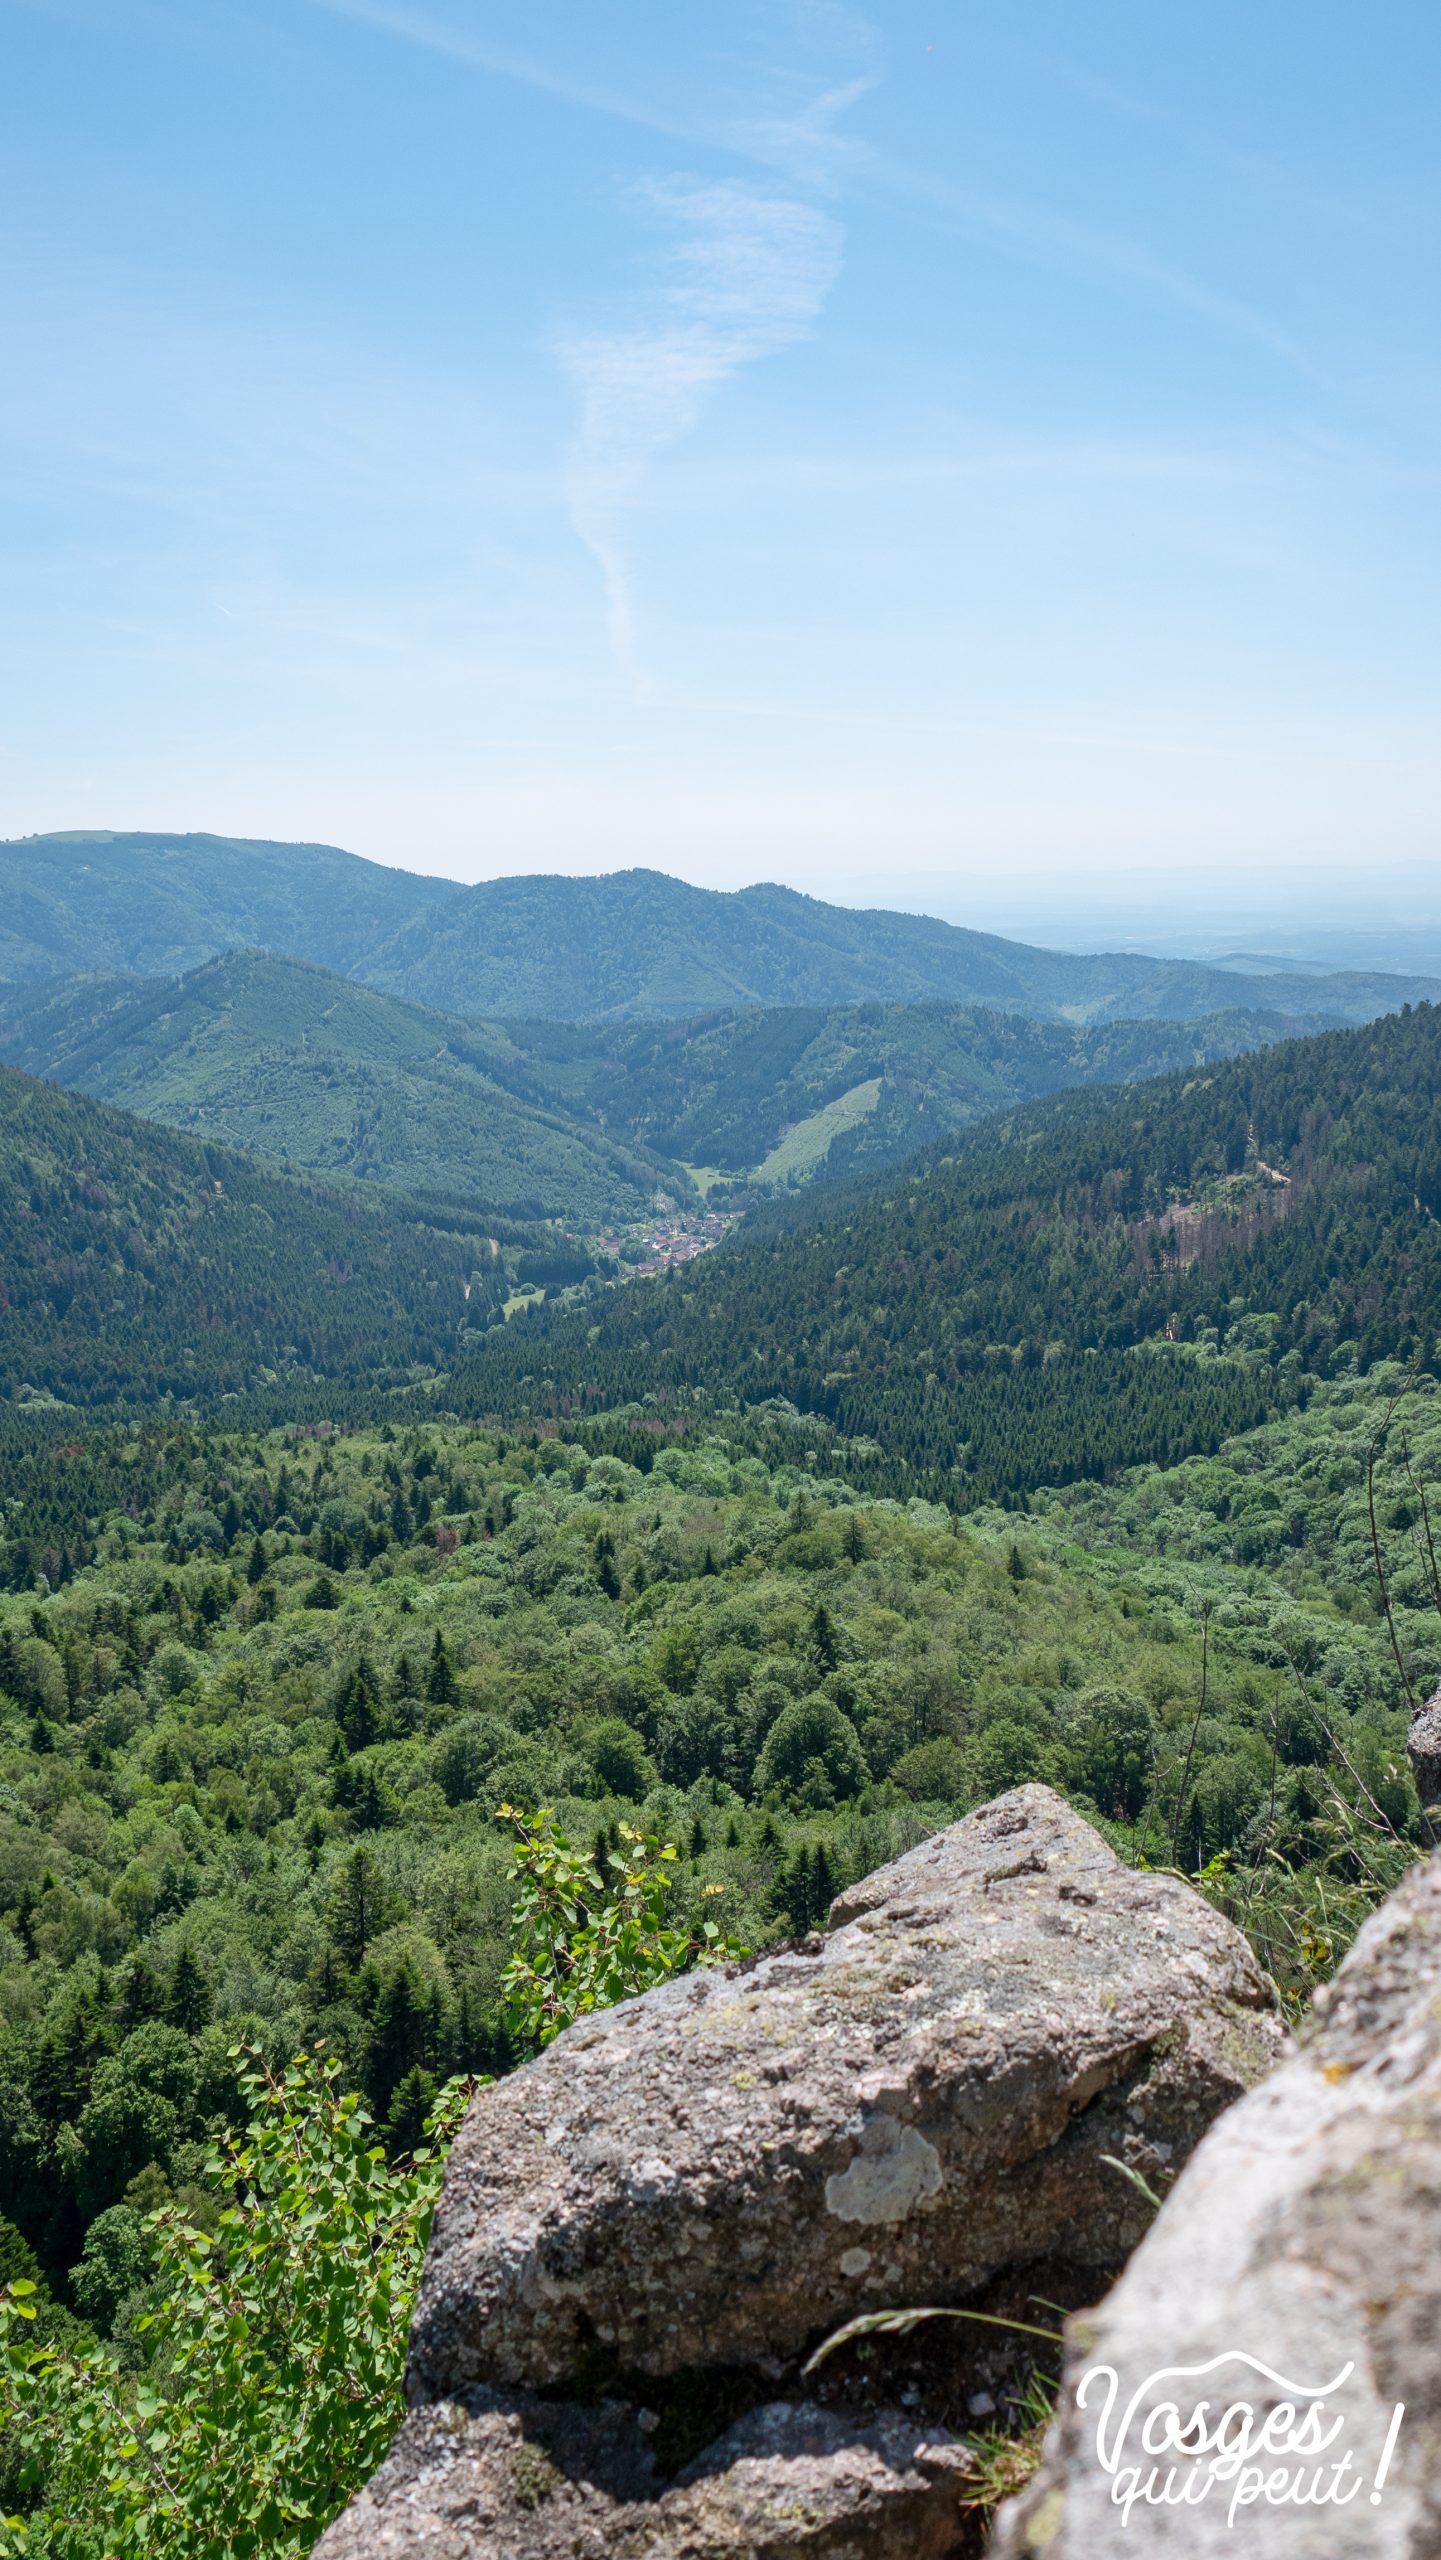 Panorama depuis un rocher dans le Massif des Vosges